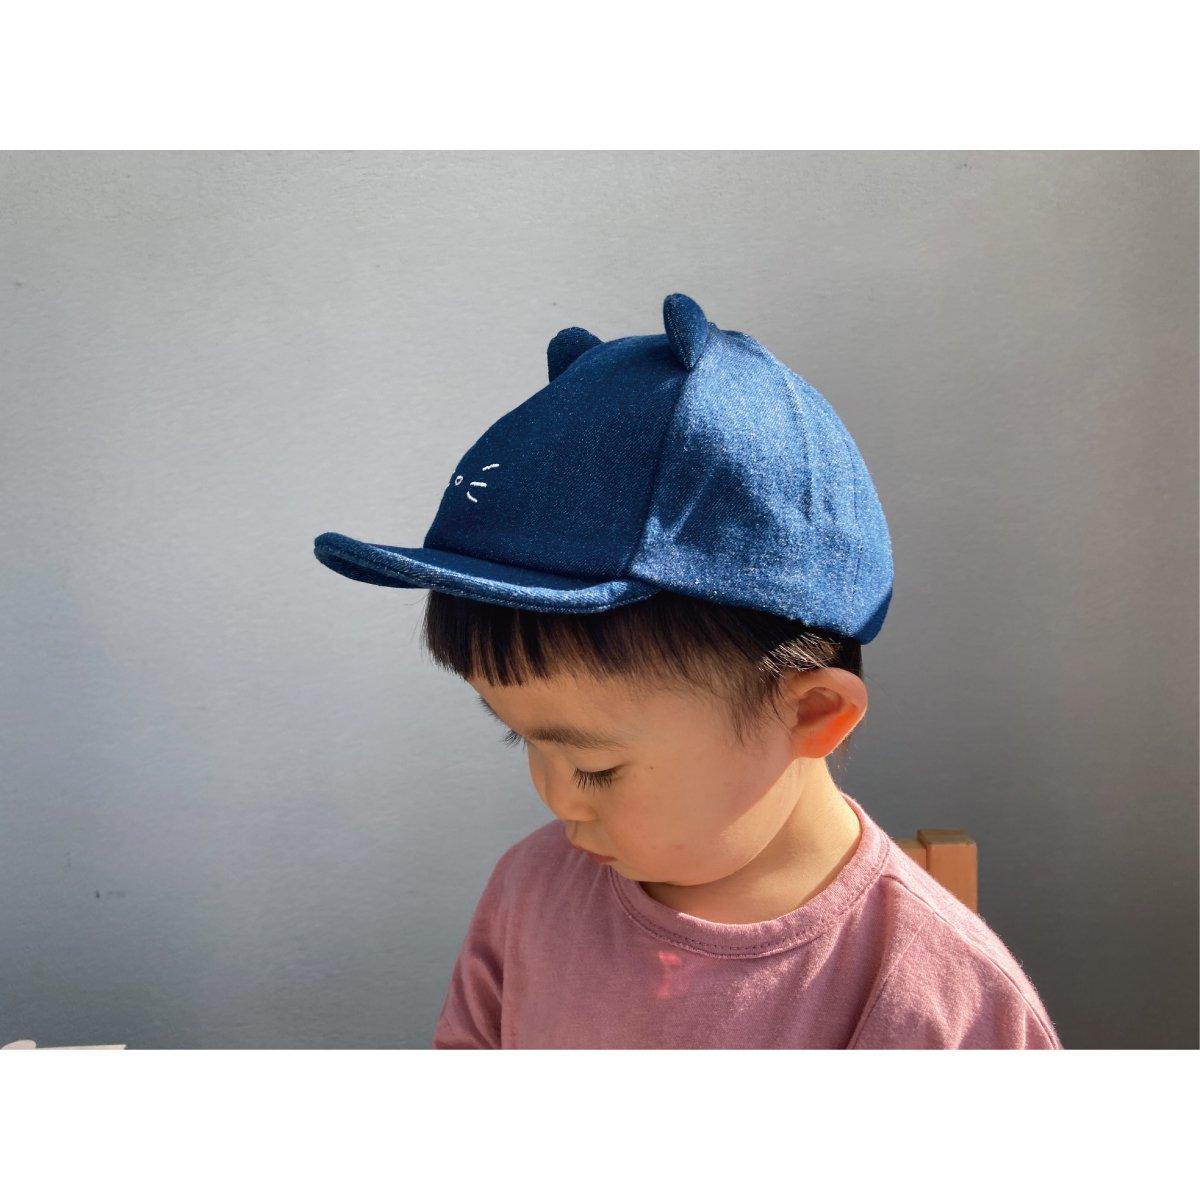 【KIDS】Cat Ear Cap 詳細画像21